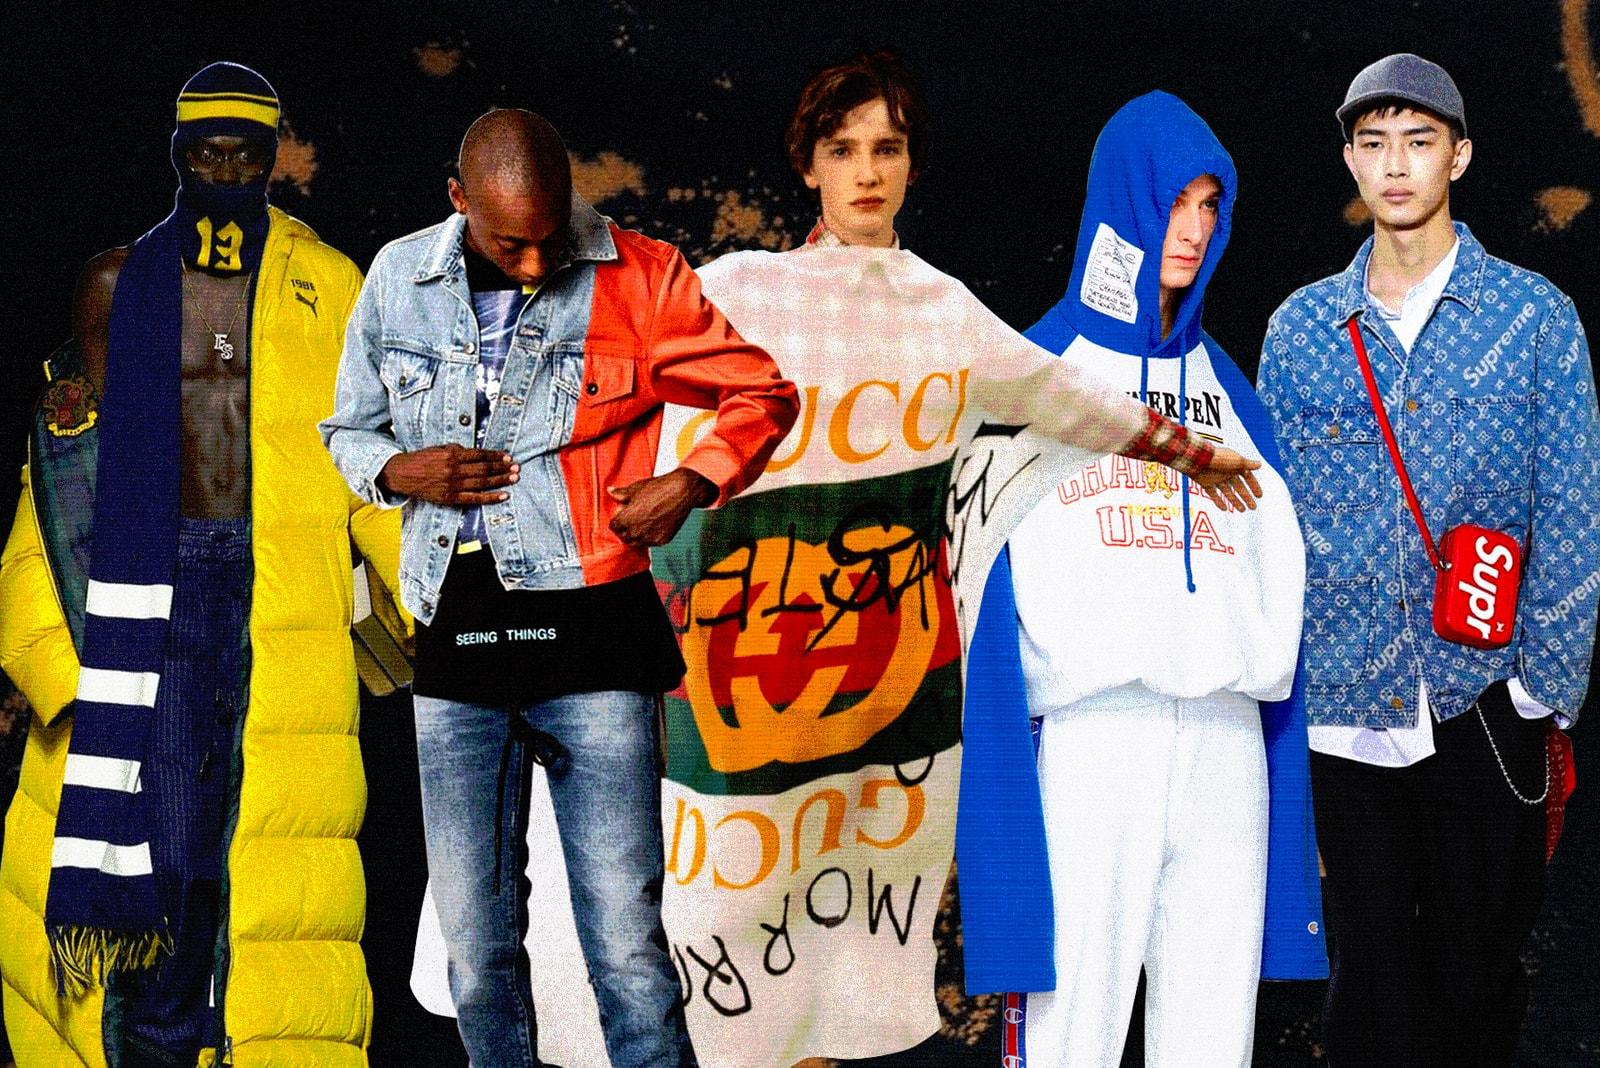 """ストリートとラグジュアリーを共存に導いた""""現代ファッションシーンの象徴的文化""""をプレイバック MARTINE ROSE X NAPAPIJRI 2017年のベストファッションコラボレーション TOP 10 SUPREME X LOUIS VUITTON シュプリーム ルイヴィトン  COCO CAPITÁN X GUCCI グッチ  JUNYA WATANABE MAN X THE NORTH FACE ジュンヤ ワタナベ ノースフェイス  J.W. ANDERSON X UNIQLO ユニクロ FENTY X PUMA プーマ  リアーナ  PORNHUB X RICHARDSON ポルノハブ リチャードソン VETEMENTS X CHAMPION ヴェトモン チャンピオン OFF-WHITE™ C/O VIRGIL ABLOH X LEVI'S MADE & CRAFTED オフホワイト ヴァージル アブロー GOSHA RUBCHINSKIY X ADIDAS FOOTBALL ゴーシャ ラブチンスキー アディダス HYPEBEAST ハイプビースト"""